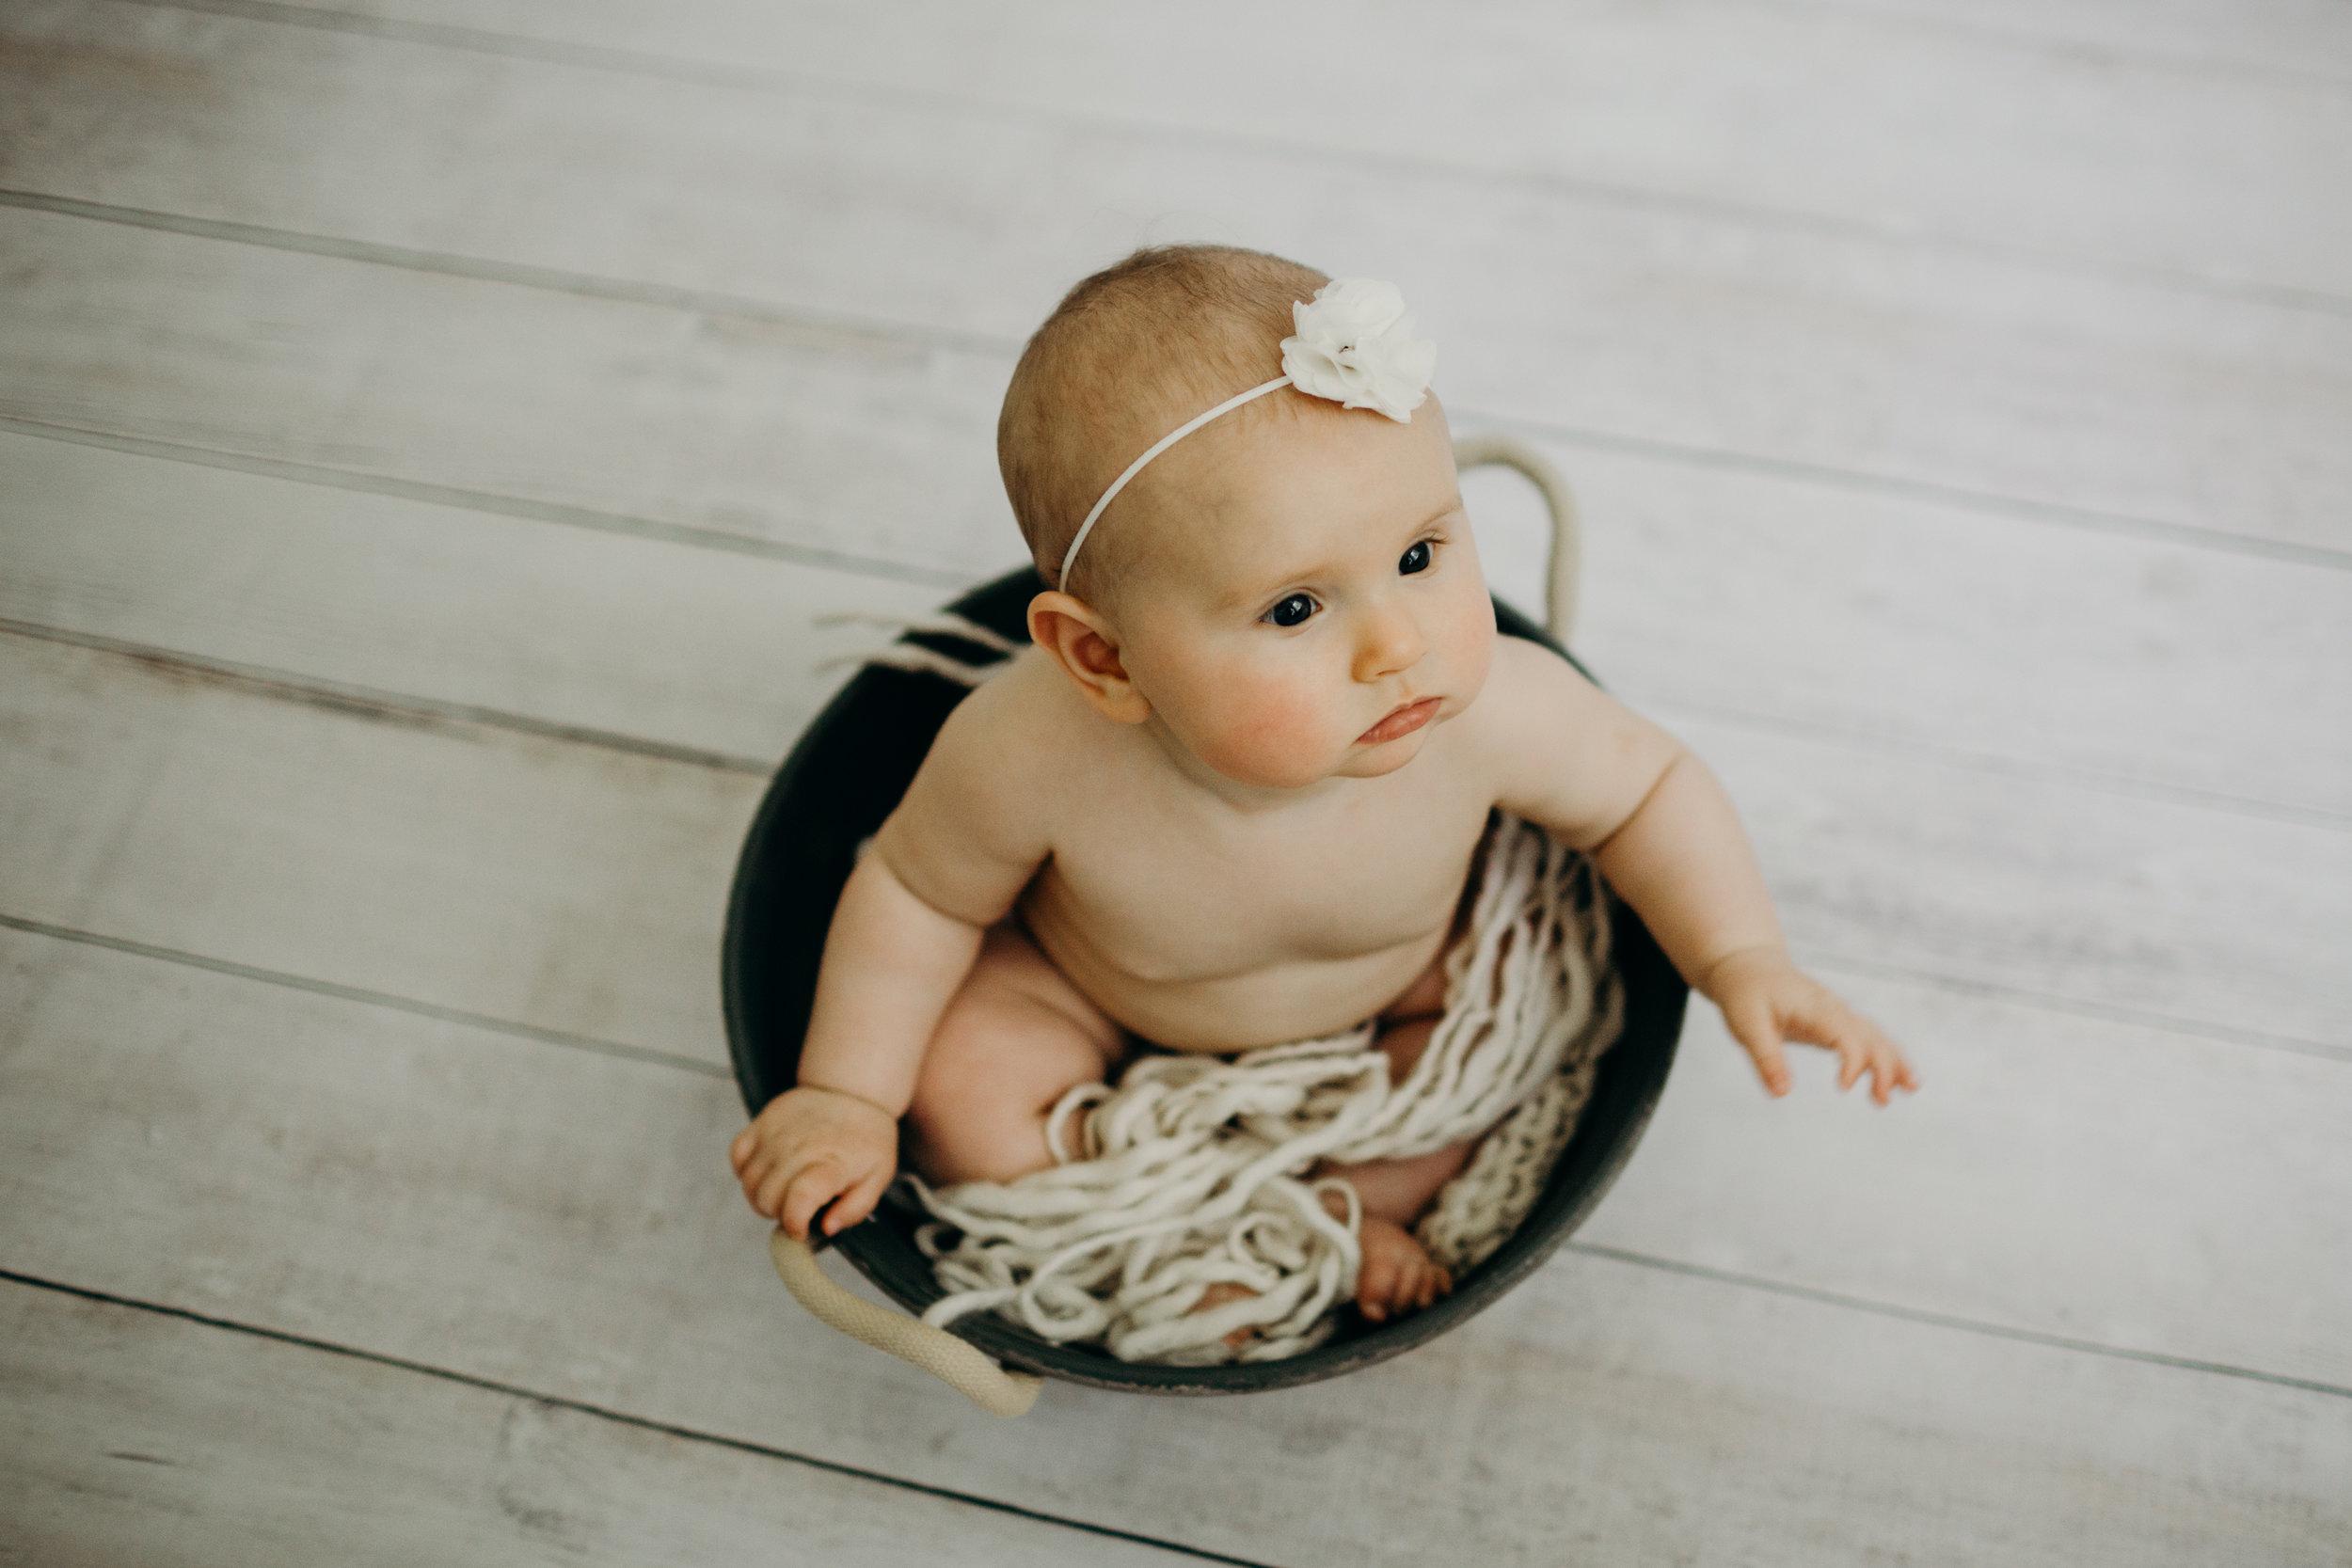 baby in basket (21 of 23).jpg